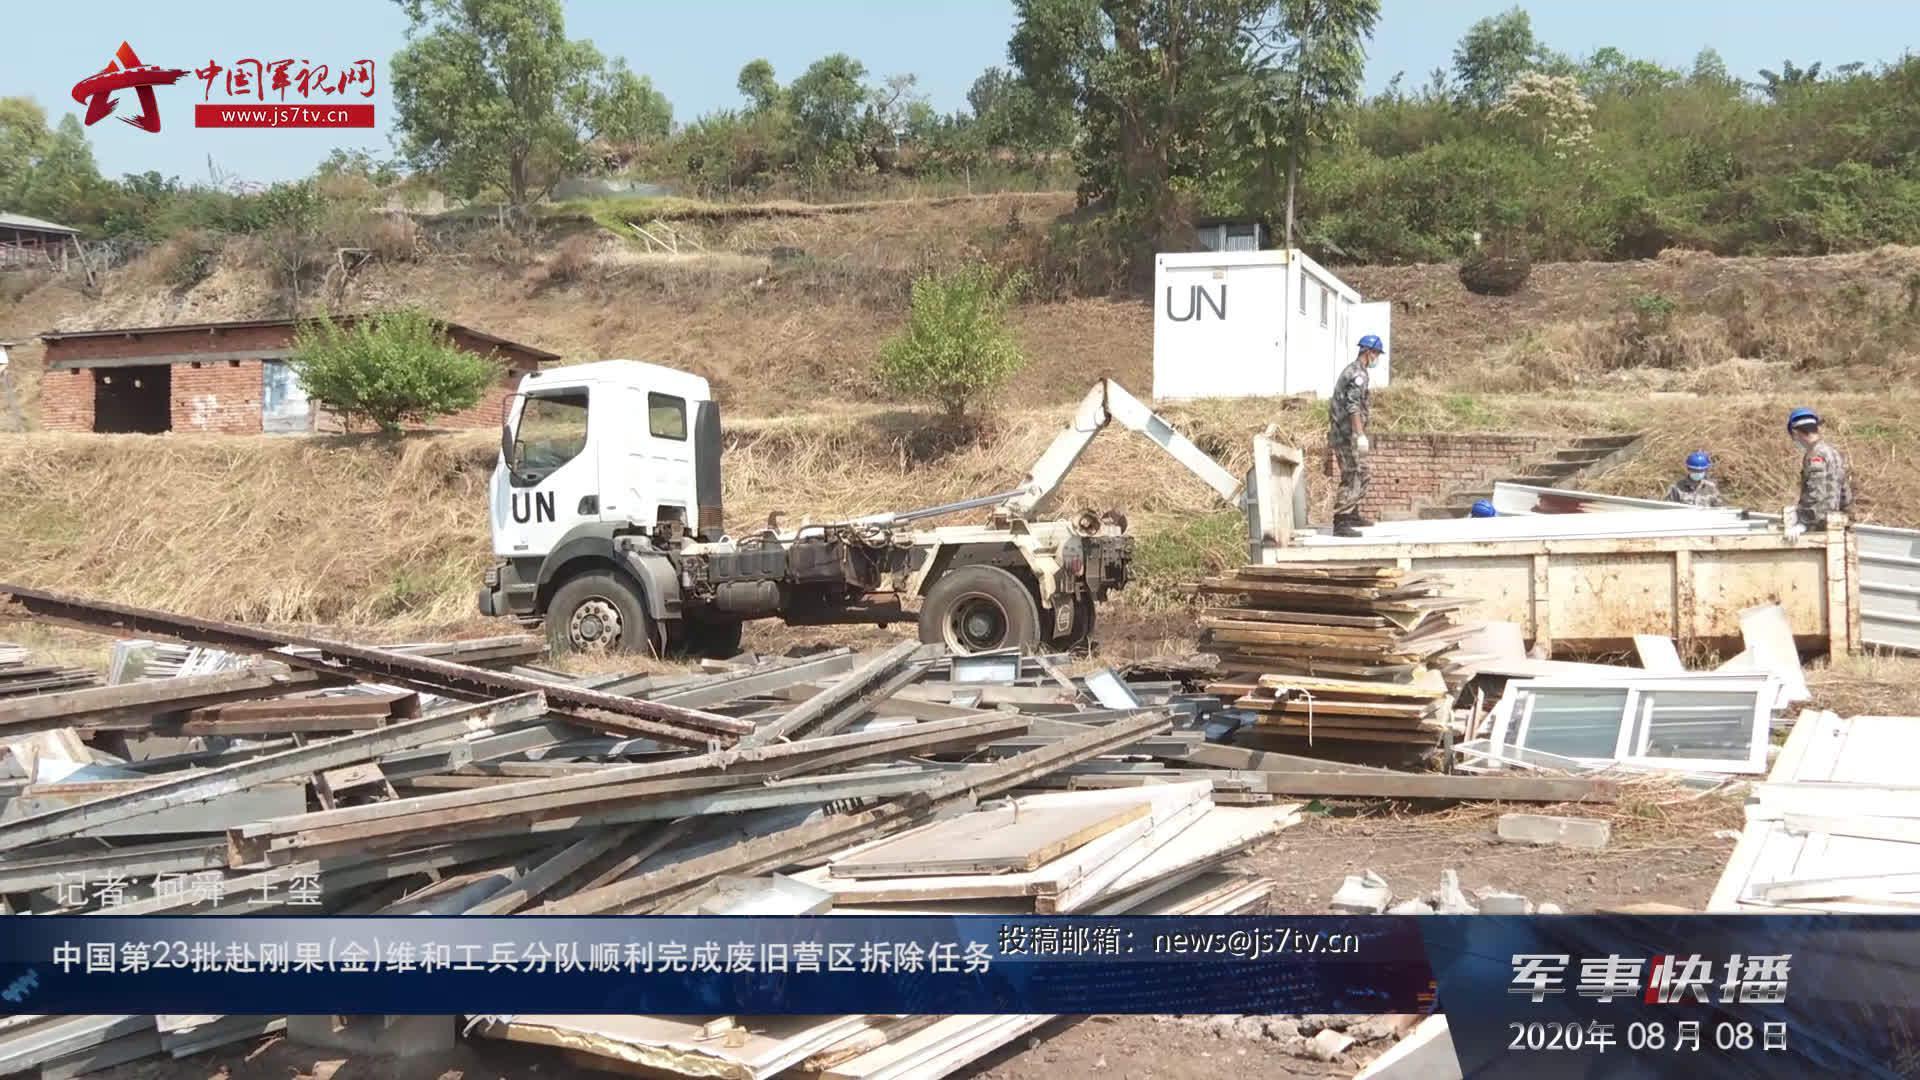 中国第23批赴刚果(金)维和工兵分队顺利完成废旧营区拆除任务